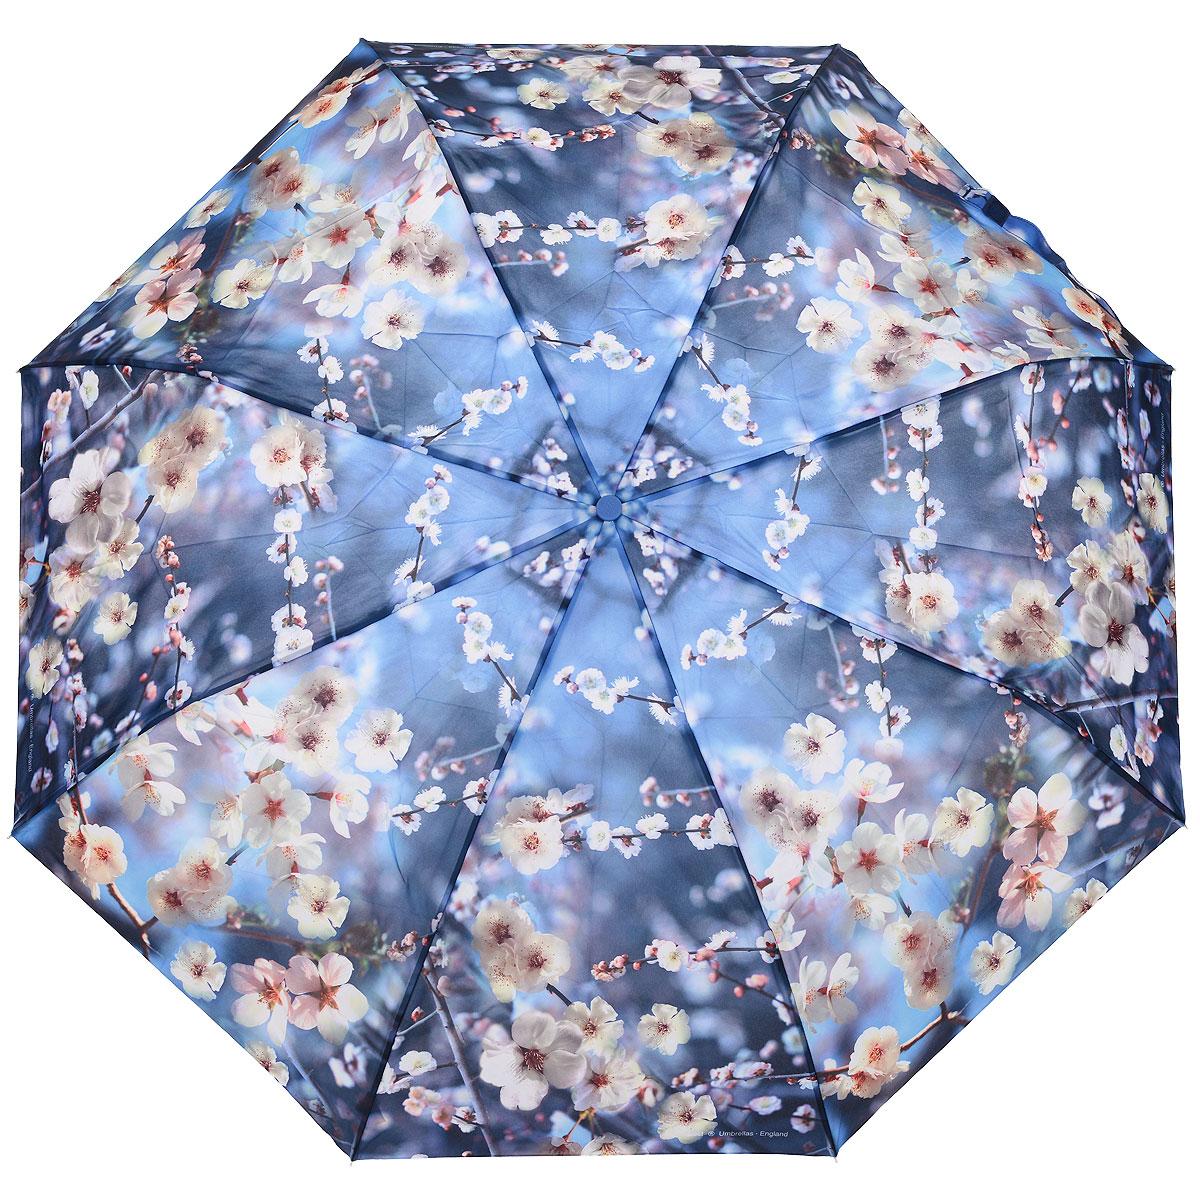 """Зонт женский Zest, автомат, 3 сложения, цвет: голубой. 239555-73239555-73Автоматический зонт Zest в 3 сложения даже в ненастную погоду позволит вам оставаться стильной и элегантной. Детали каркаса изготовлены из высокопрочных материалов, специальная система """"Windproof"""" защищает его от поломок. Зонт оснащен 8 спицами, выполненными из алюминия и фибергласса. Ручка из прорезиненного пластика разработана с учетом требований эргономики. Используемые высококачественные красители, а также покрытие """"Teflon"""" обеспечивают длительное сохранение свойств ткани купола зонта. Купол выполнен из полиэстера голубого цвета и оформлен цветочным принтом. Зонт имеет полный автоматический механизм сложения: купол открывается и закрывается нажатием кнопки на рукоятке, стержень складывается вручную до характерного щелчка. На рукоятке для удобства есть небольшой шнурок, позволяющий надеть зонт на руку тогда, когда это будет необходимо. К зонту прилагается чехол."""